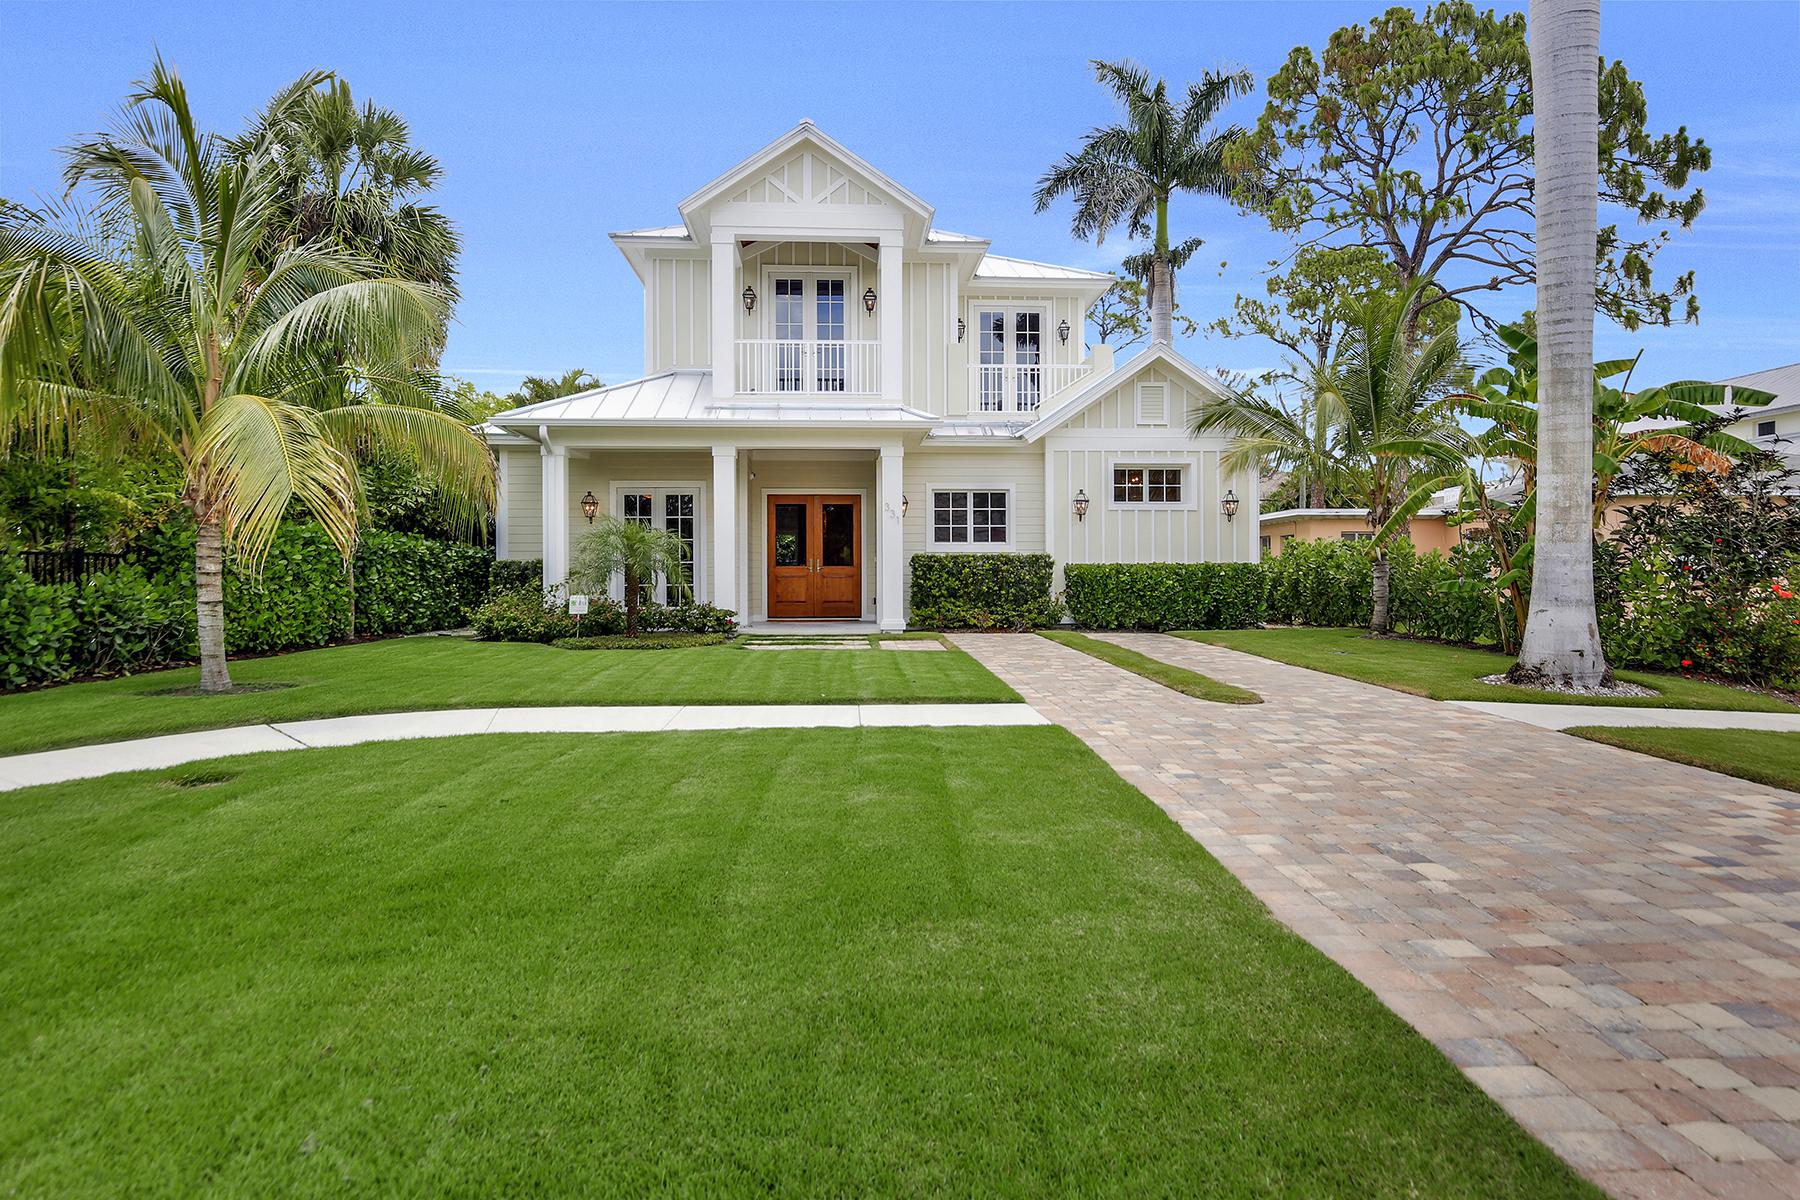 獨棟家庭住宅 為 出售 在 OLDE NAPLES 331 1st Ave S Naples, 佛羅里達州 34102 美國